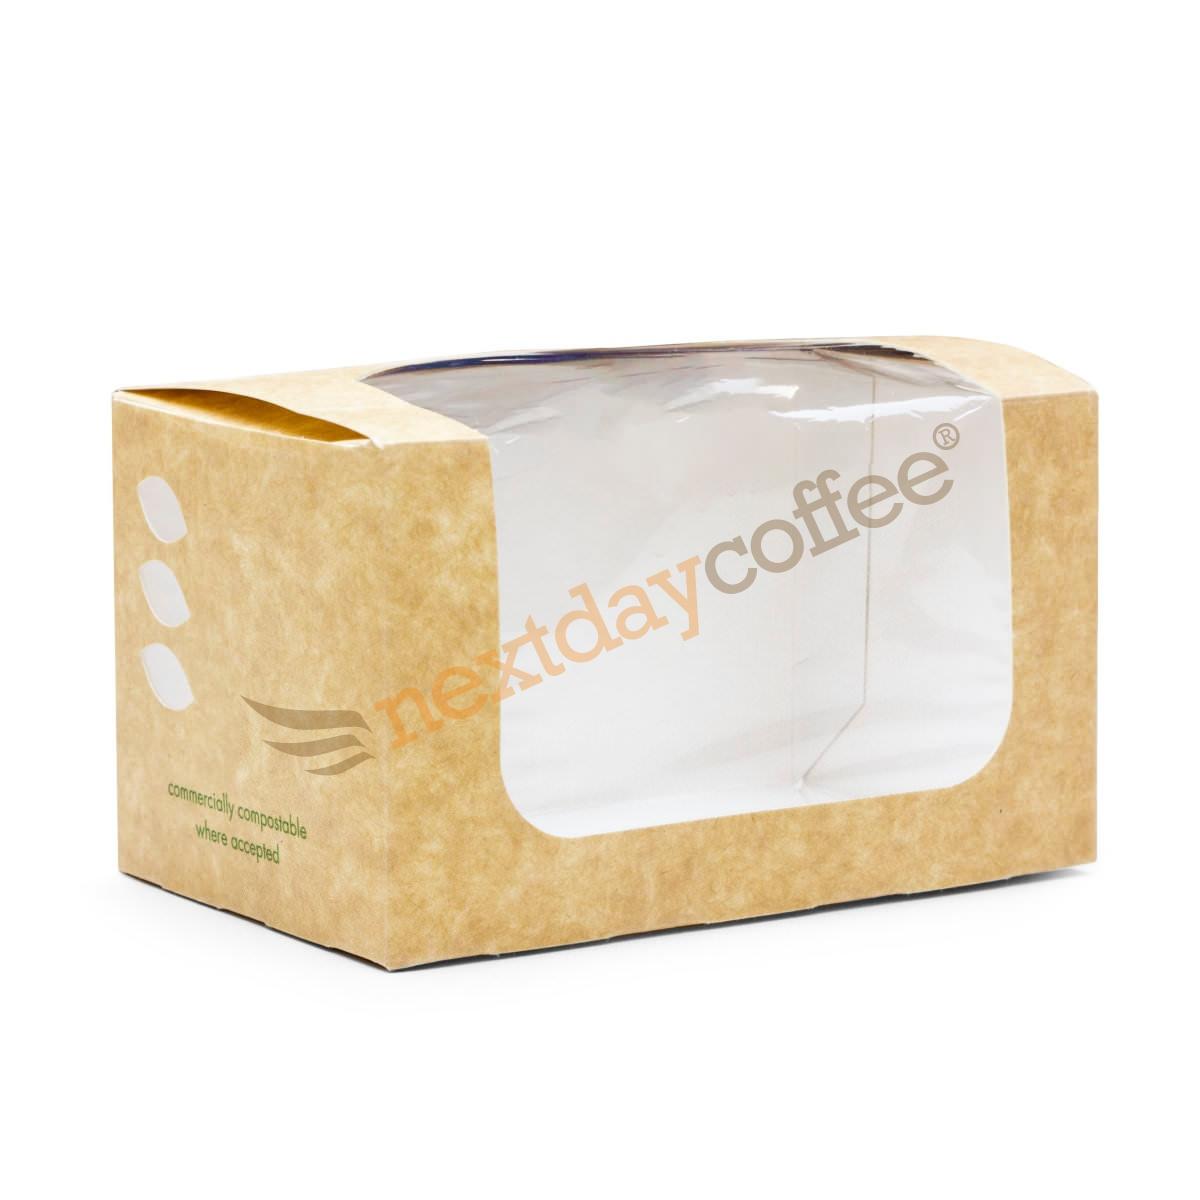 Vegware Compostable Bloomer Sandwich Kraft Carton (500)